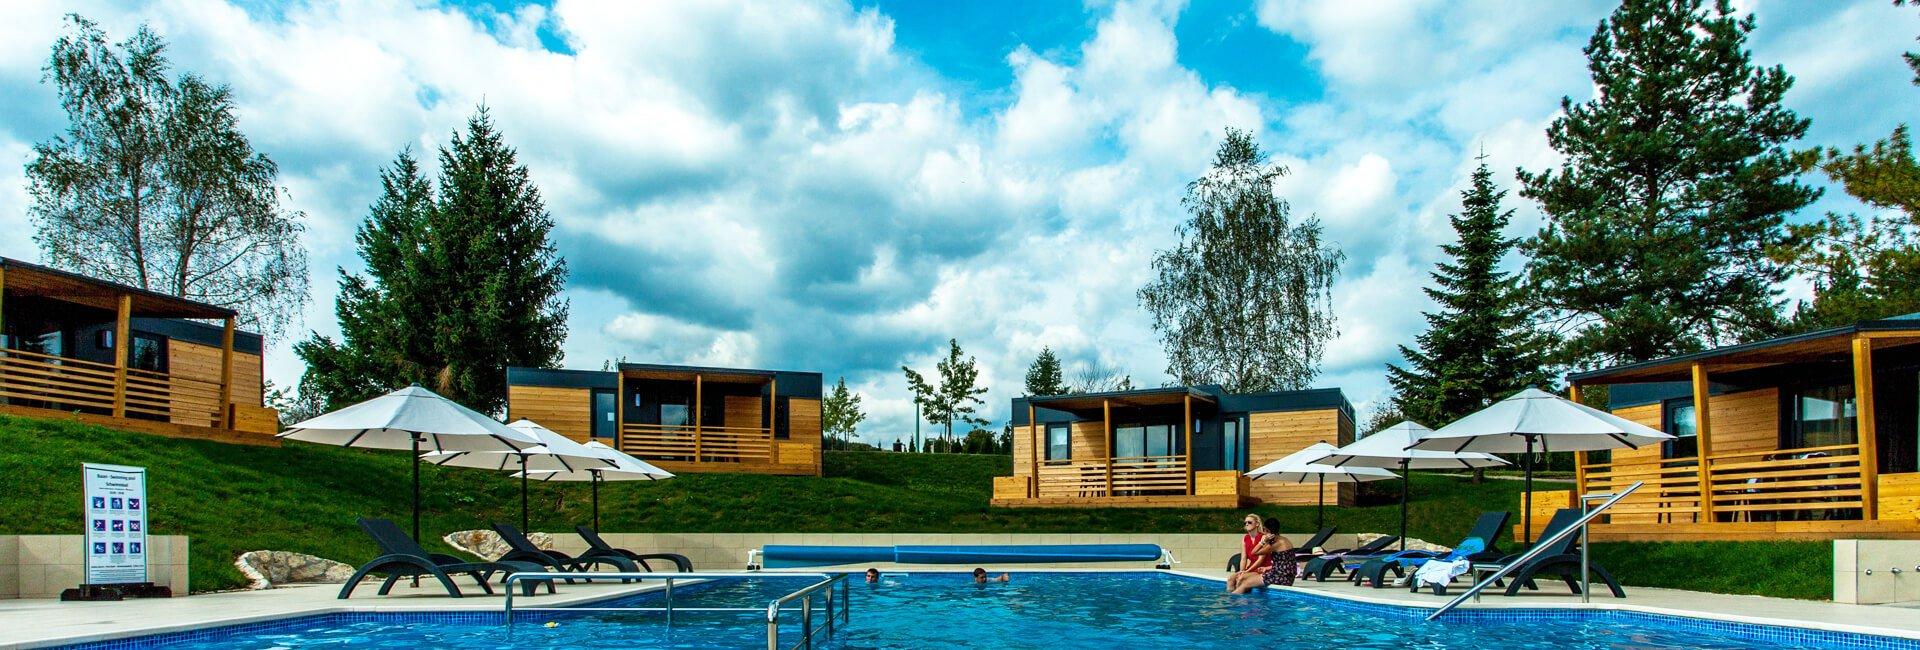 Campeggio Turist Grabovac